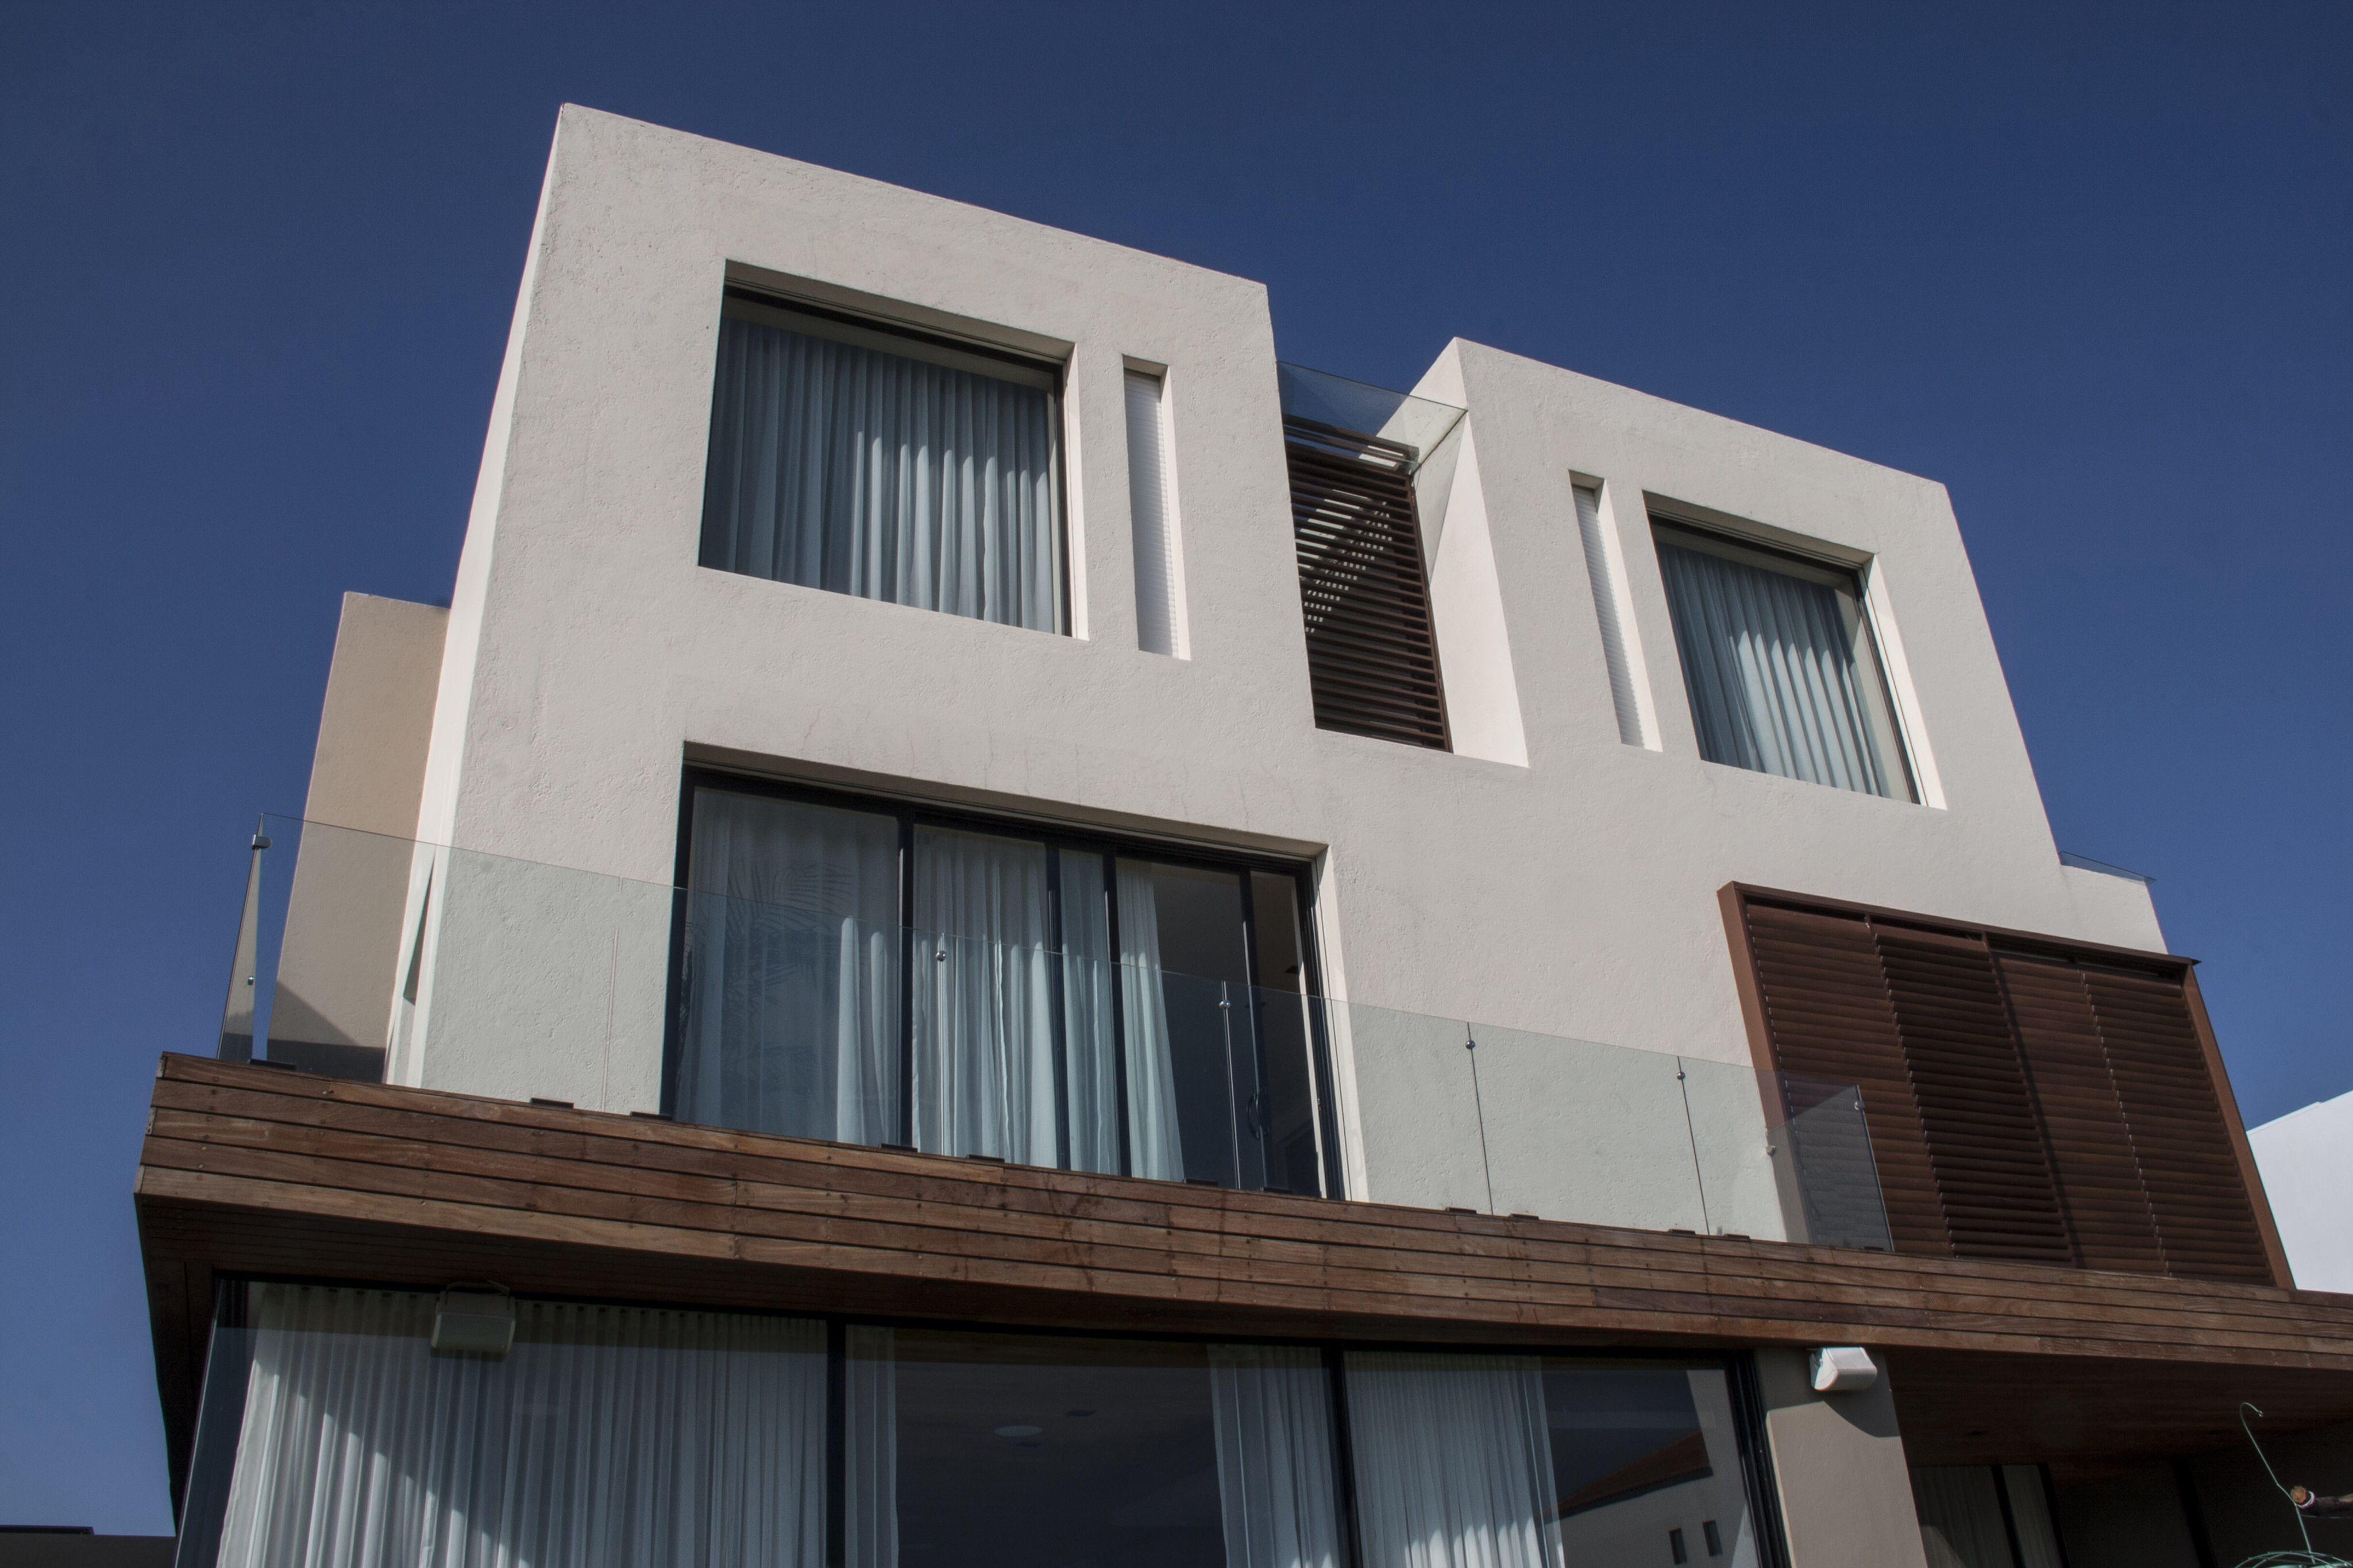 Casa ss fachada ventanas aluminio negro c digo z for Fachada de casas modernas con vidrio